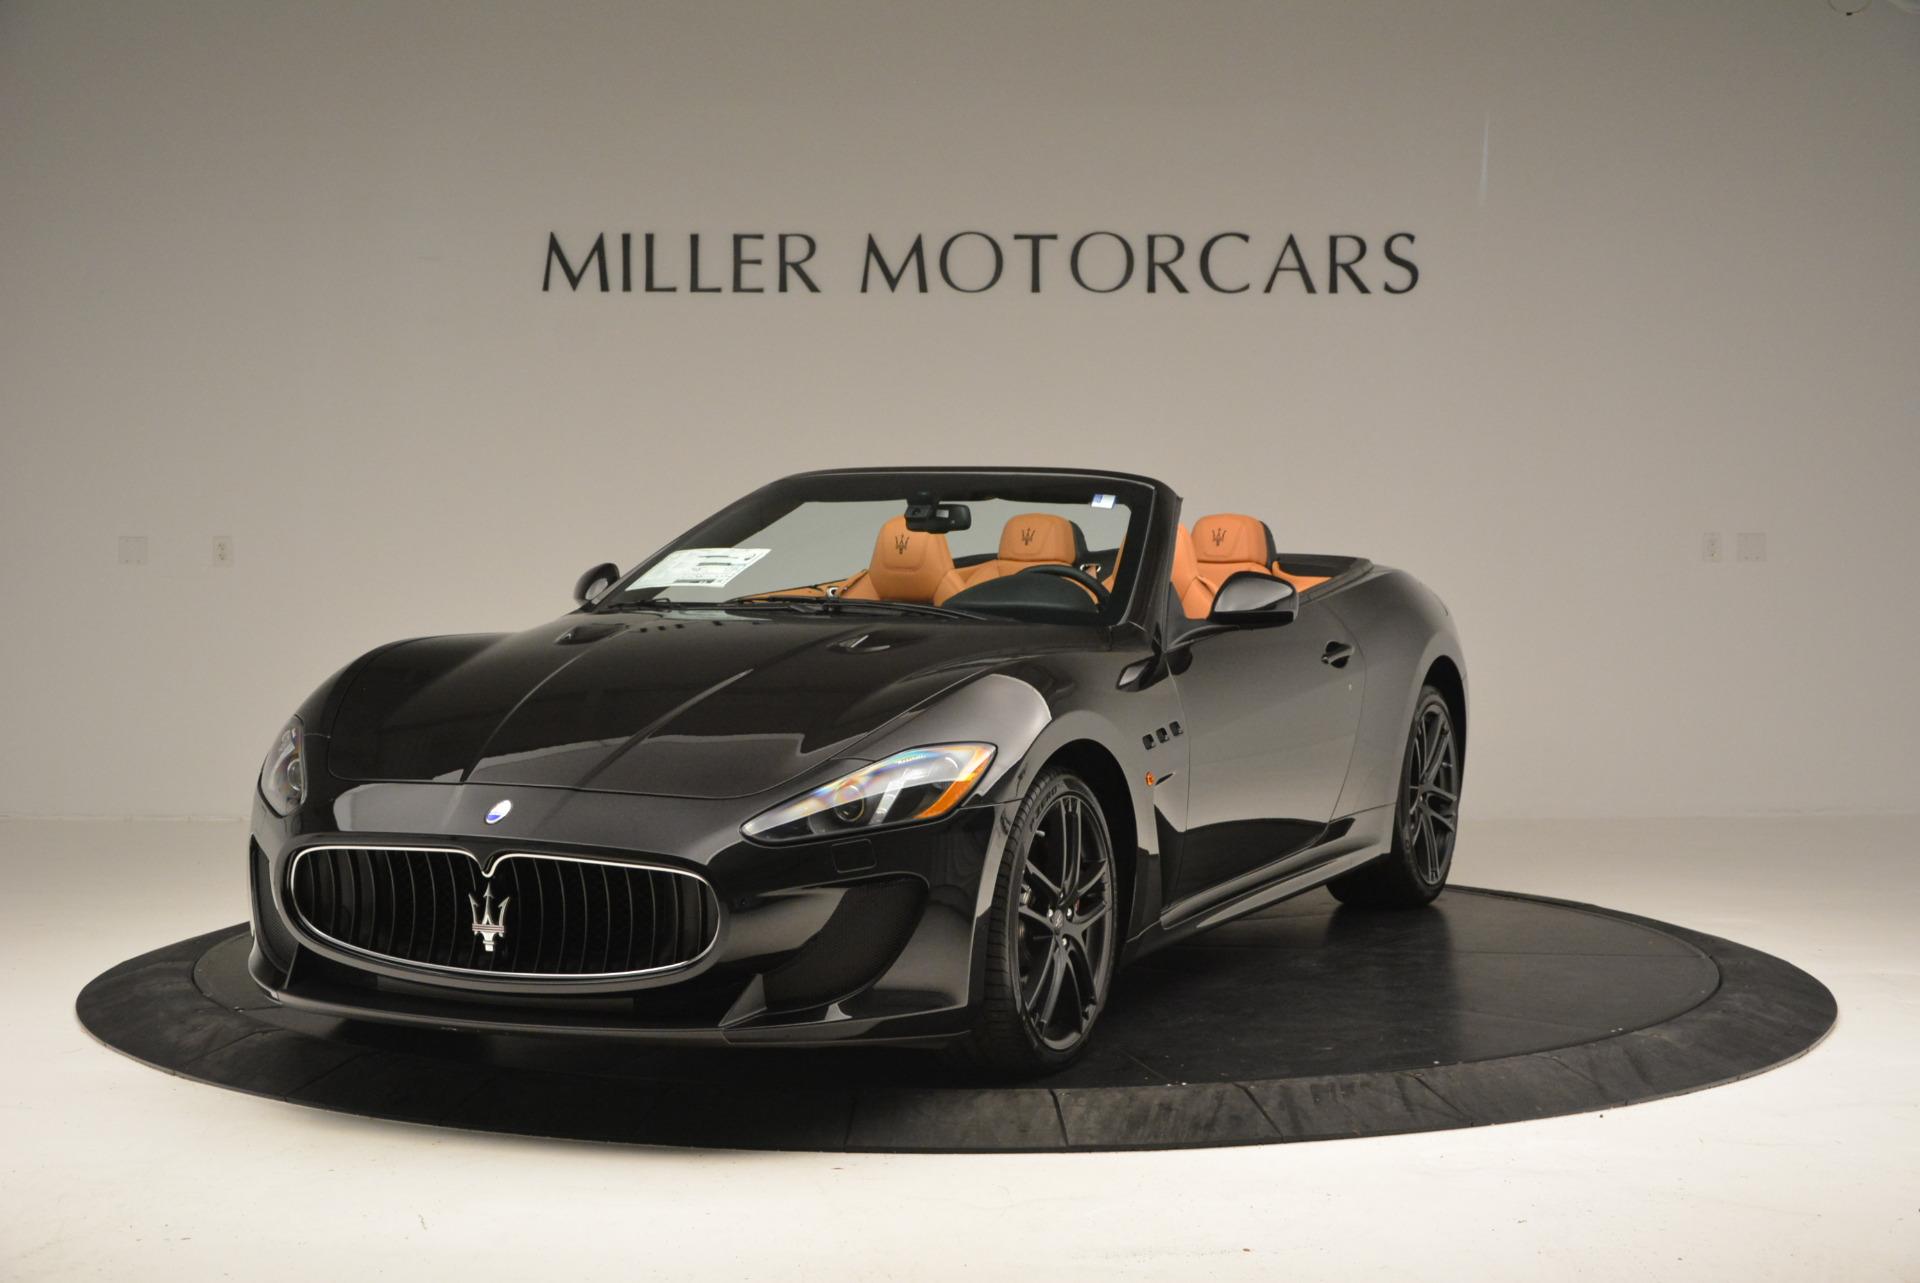 New 2017 Maserati GranTurismo MC for sale Sold at Aston Martin of Greenwich in Greenwich CT 06830 1